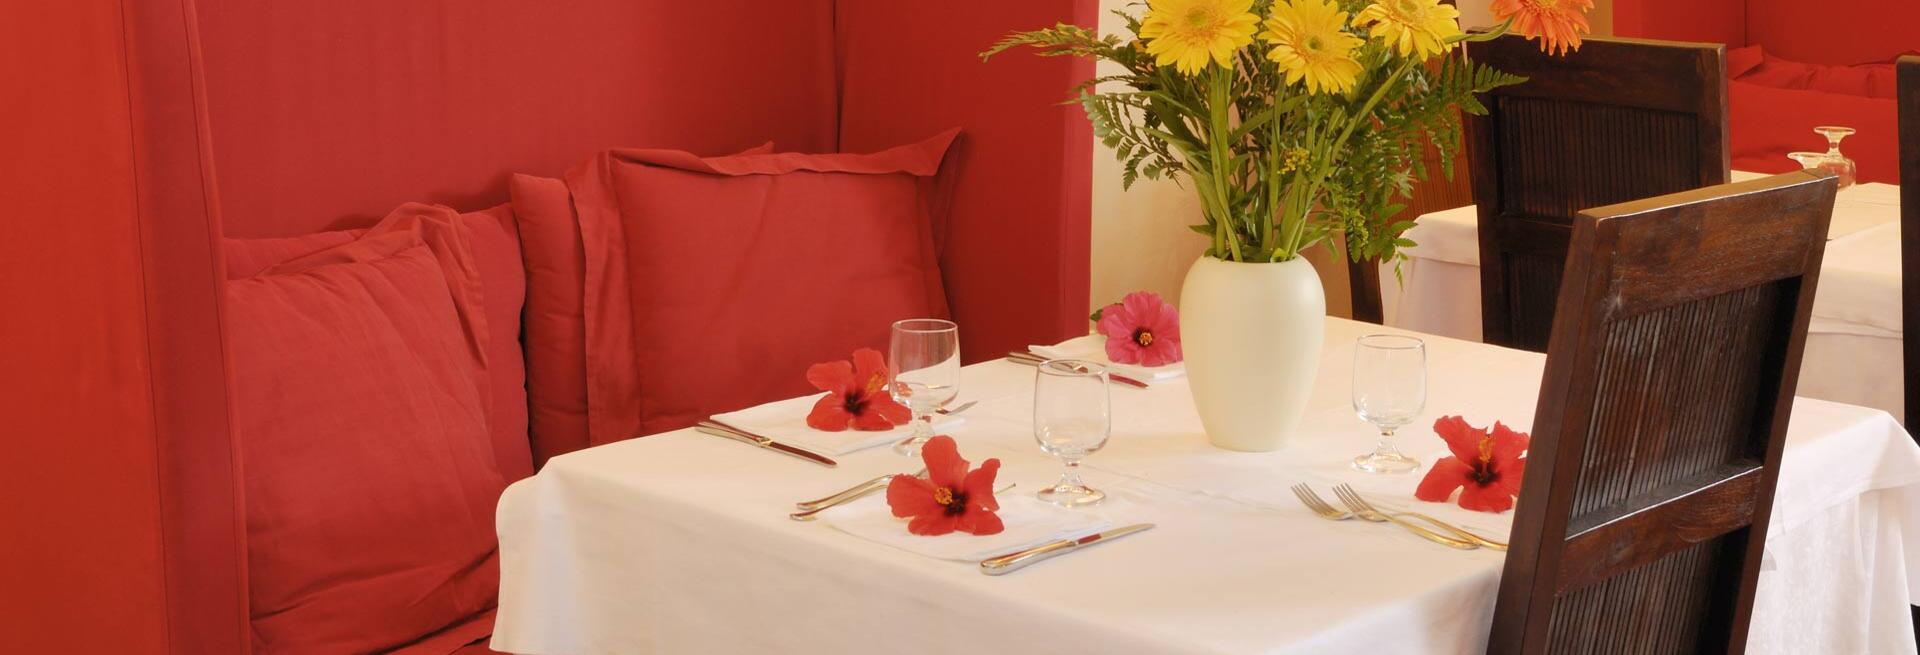 hotelcalarosa it ristorante 015